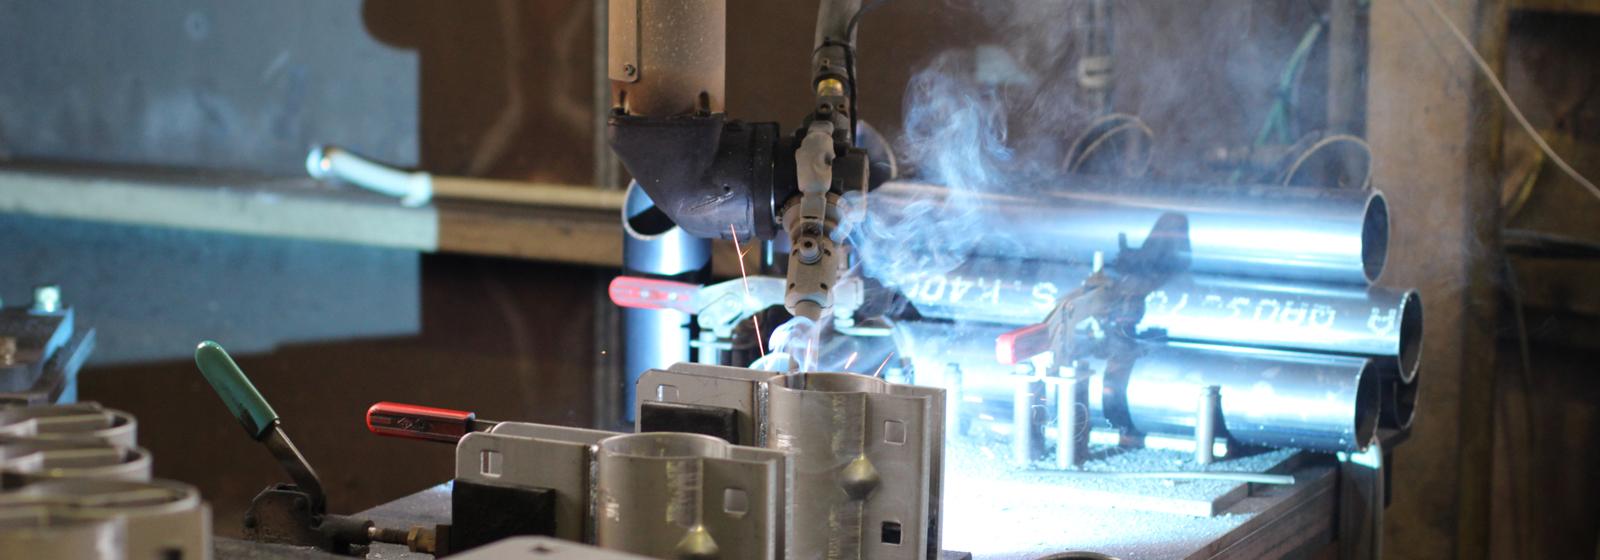 溶接加工設備